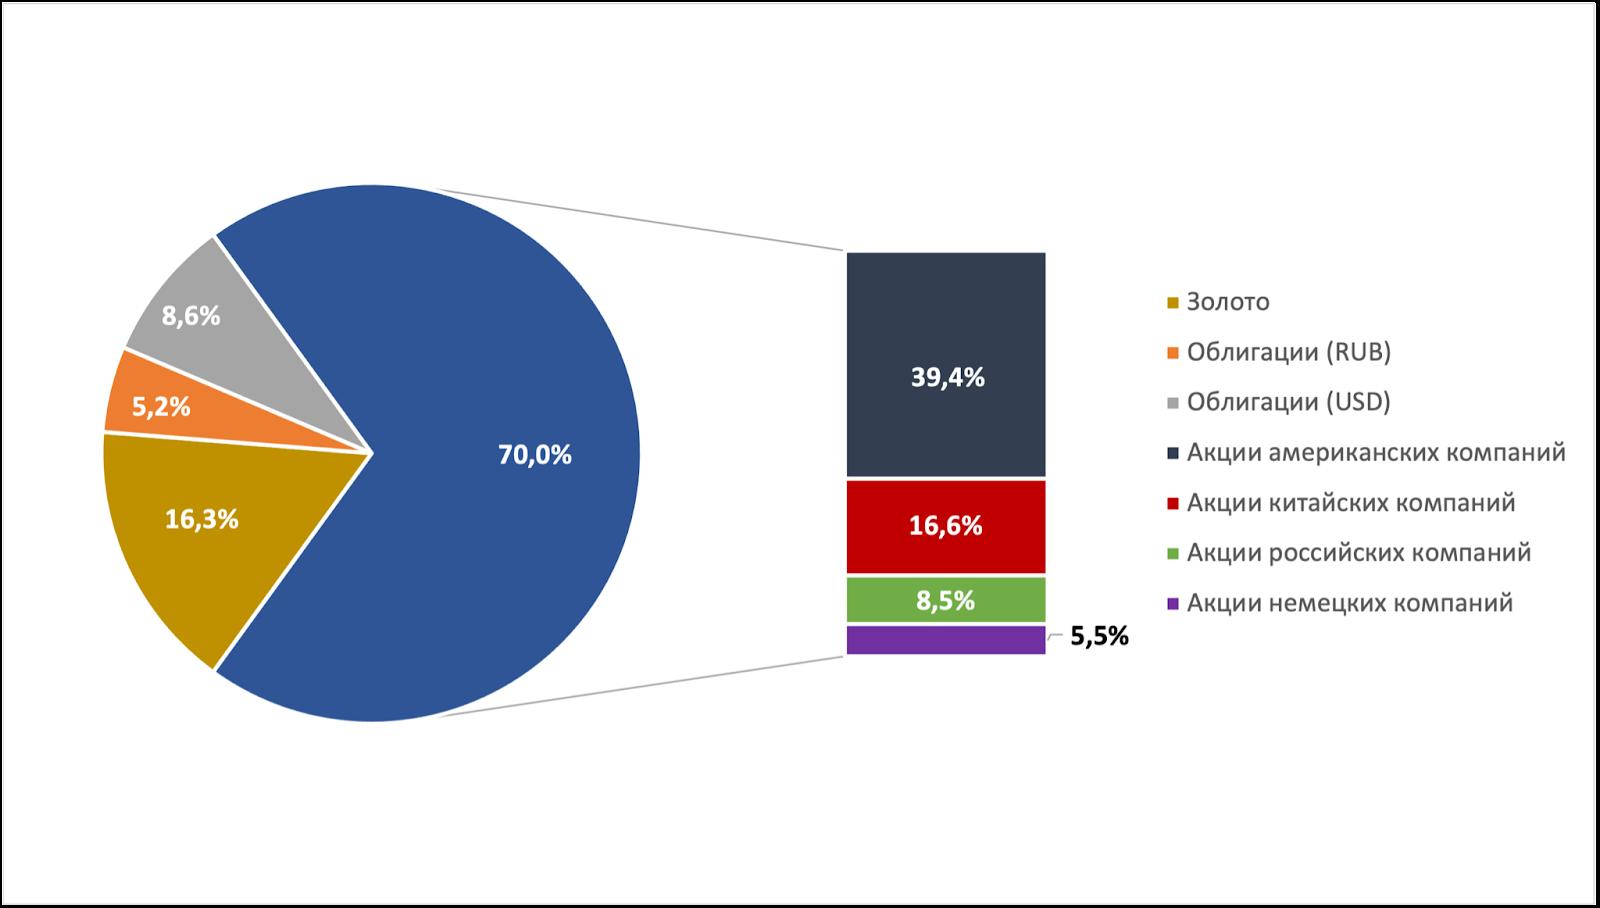 Распределение Народного портфеля биржевых фондов в июне 2021 г. по классам активов